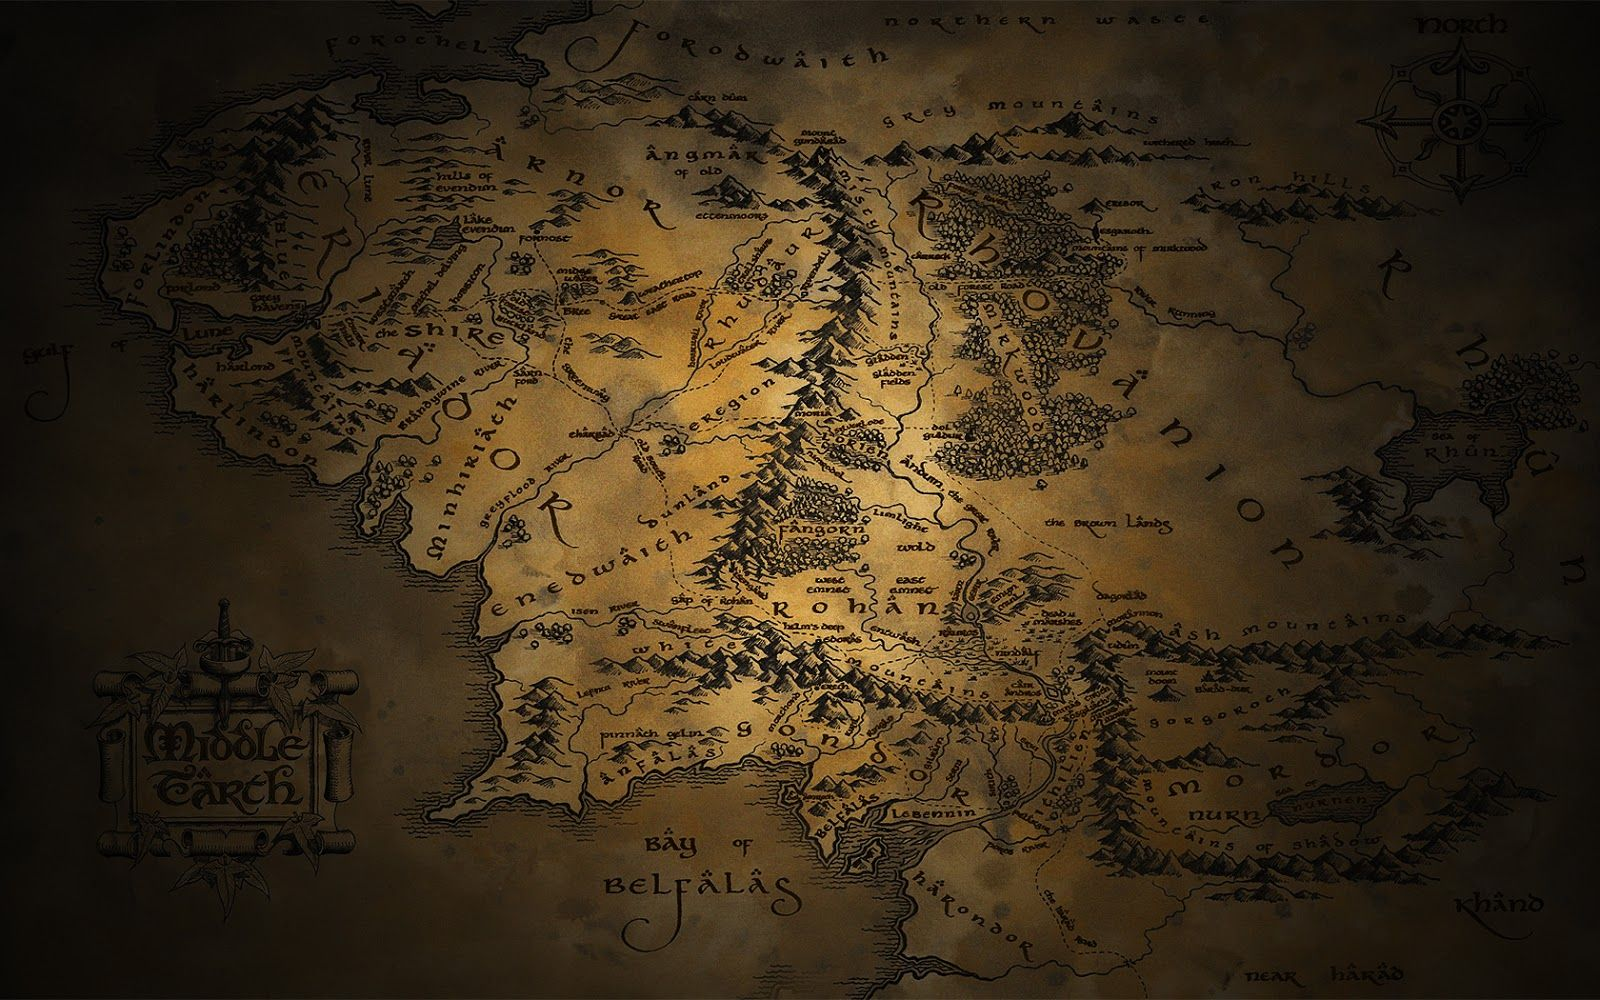 The Hobbit Wallpaper 1920x1080